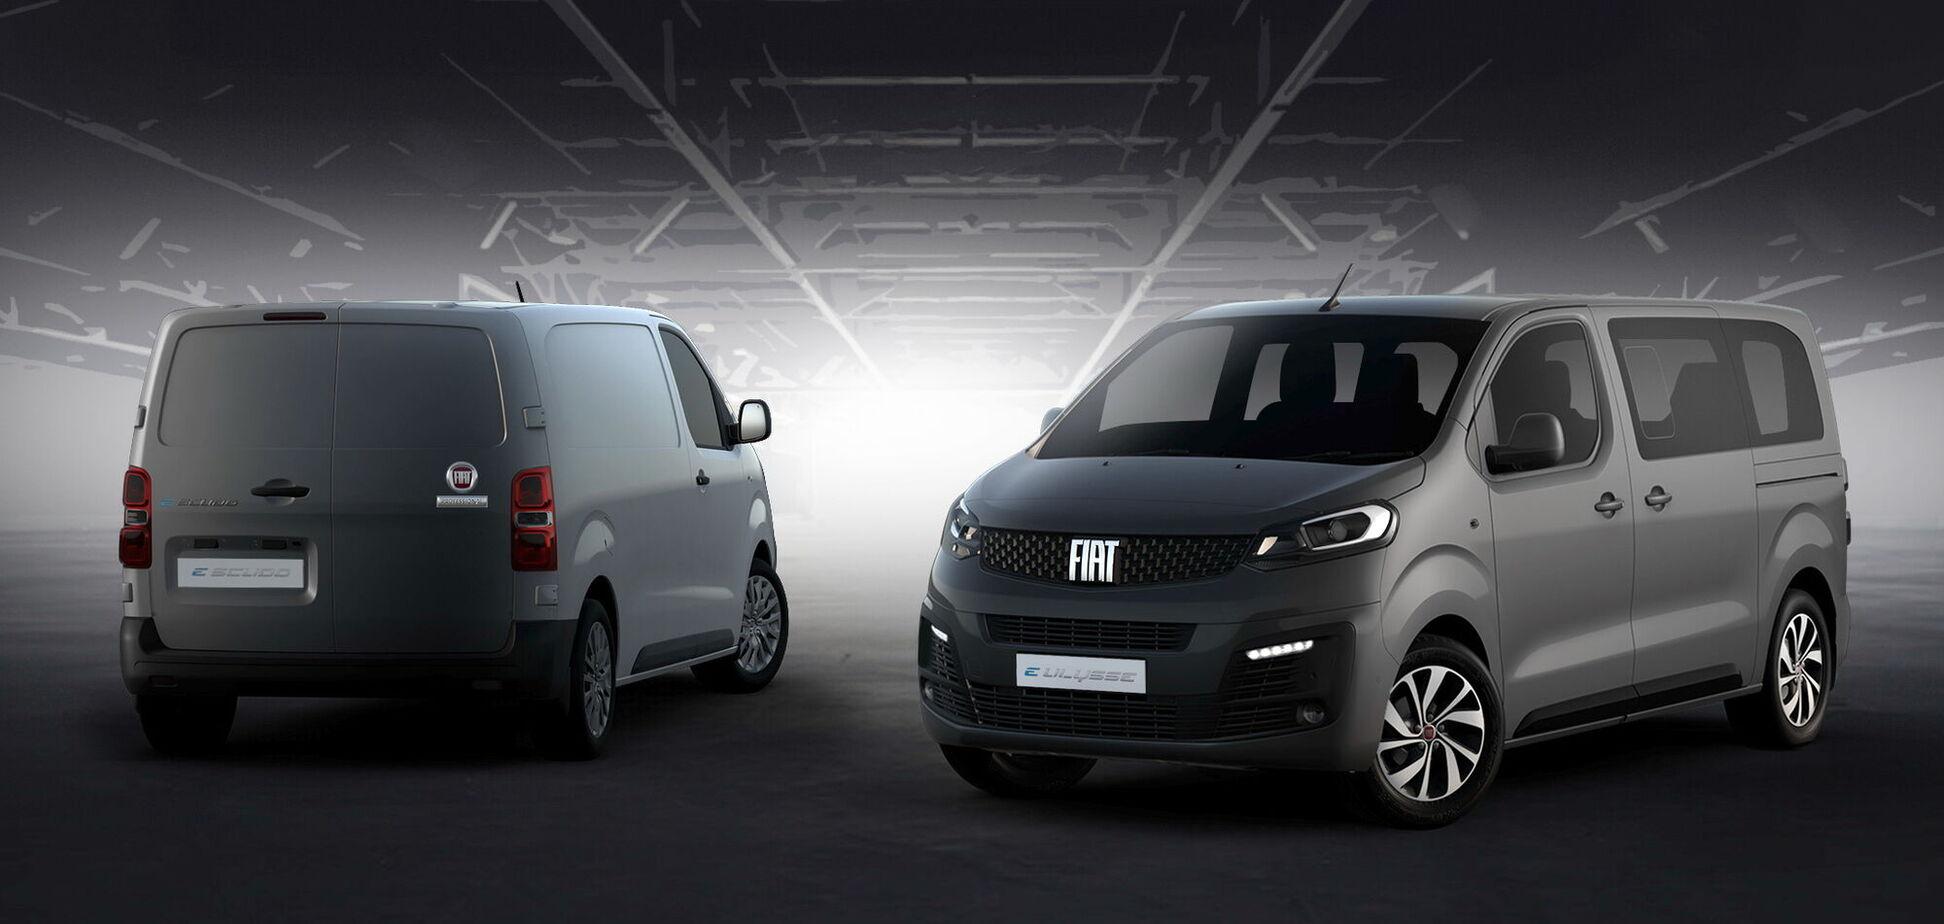 FIAT представив оновлену родину легких комерційних моделей